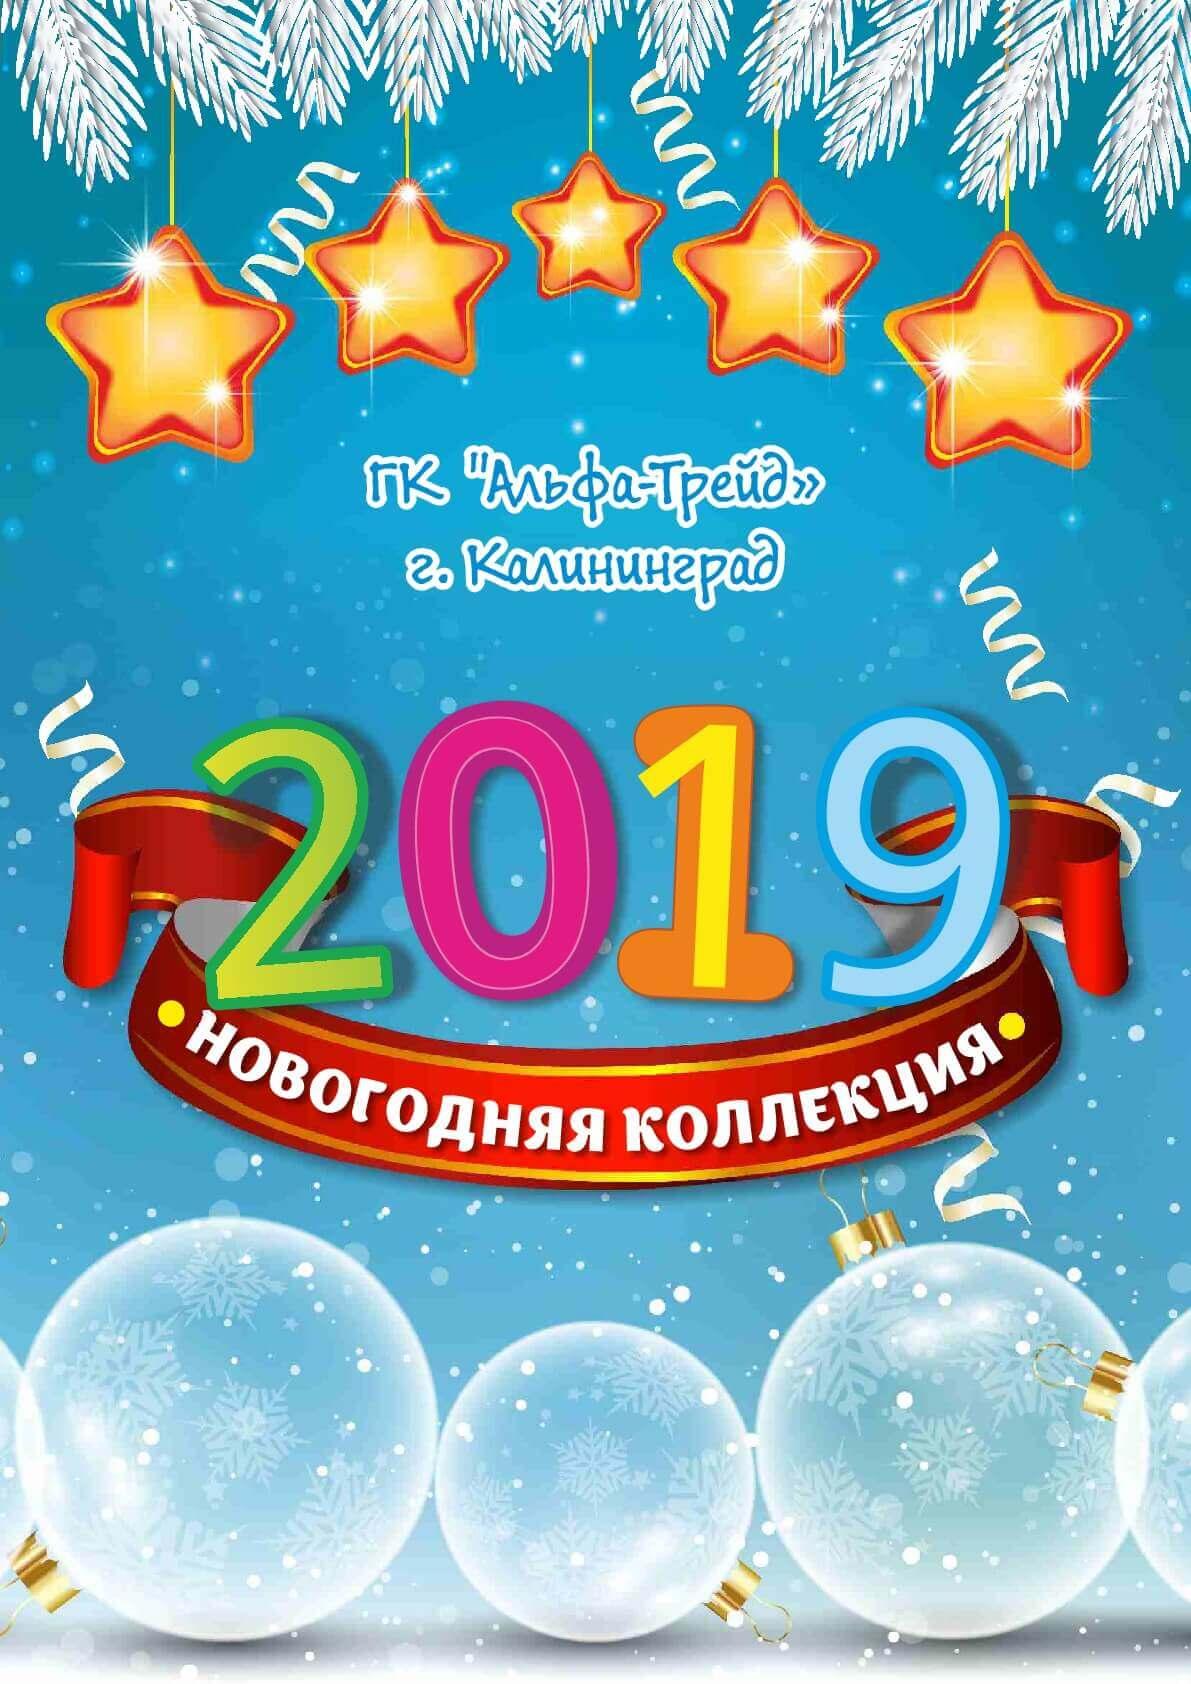 Новогодние подарки 2019, стр 1